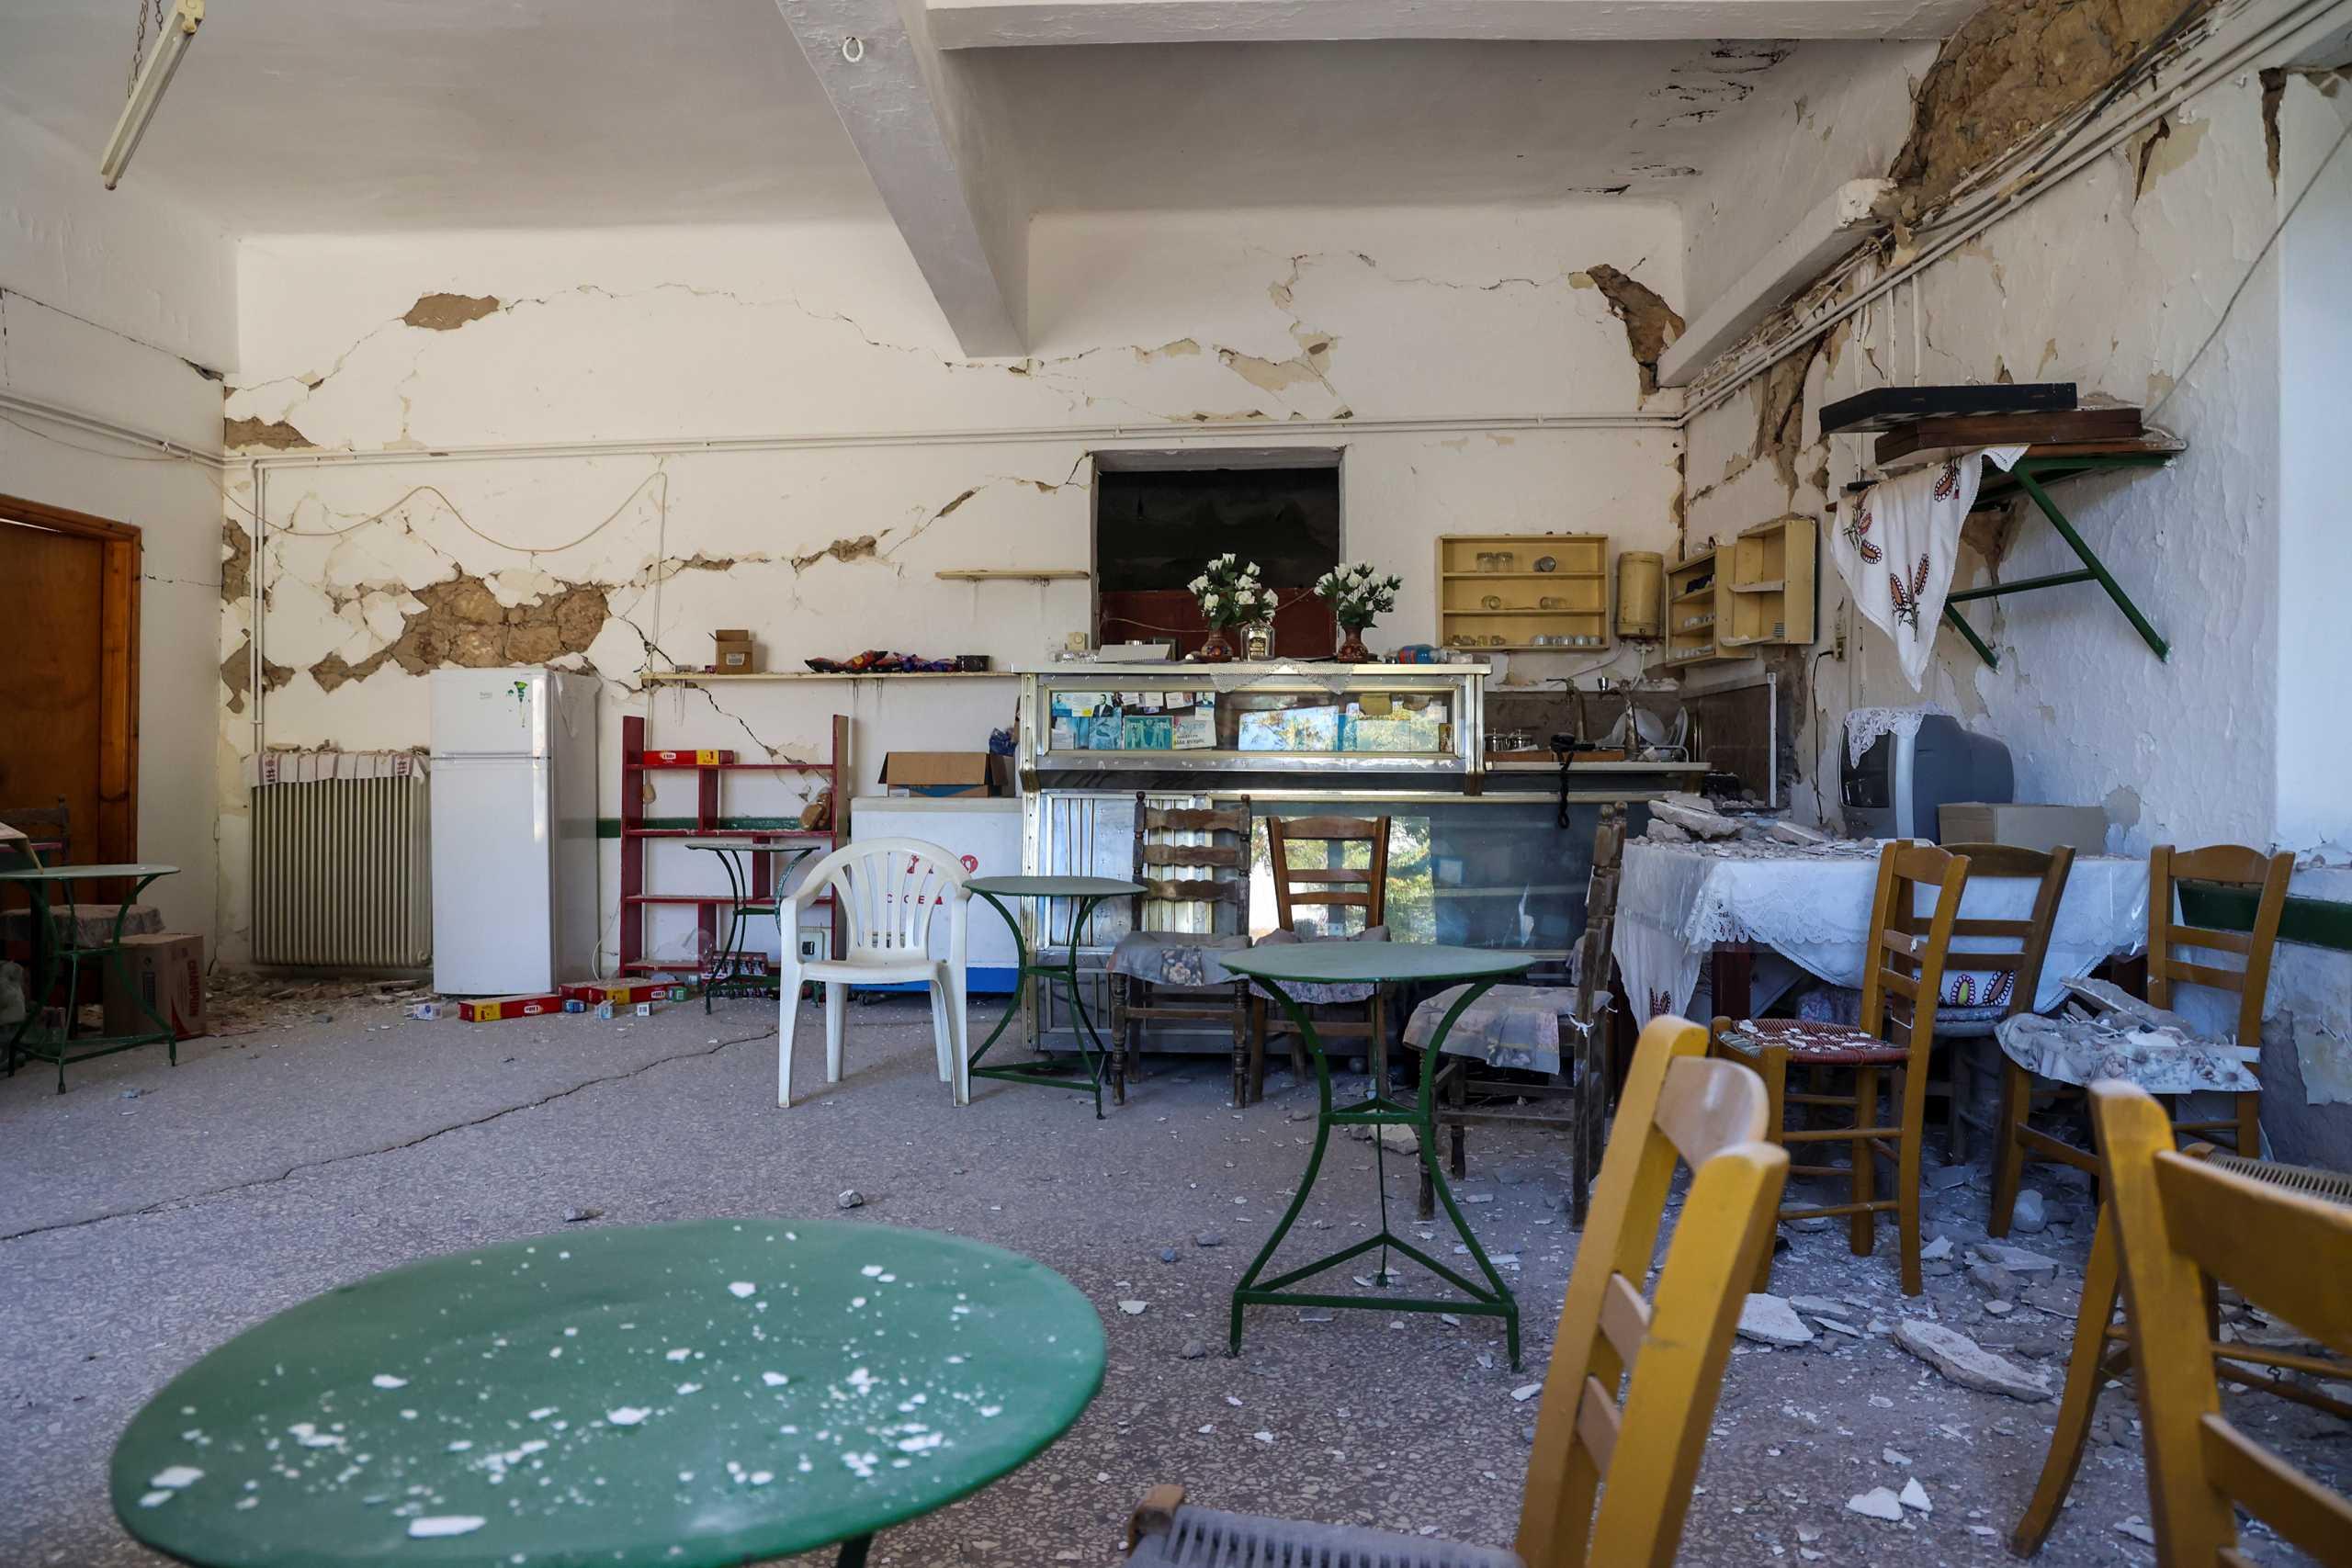 Σεισμός στην Κρήτη: Νέες καταρρεύσεις κτιρίων στο Αρκαλοχώρι μετά τον μετασεισμό των 5,3R